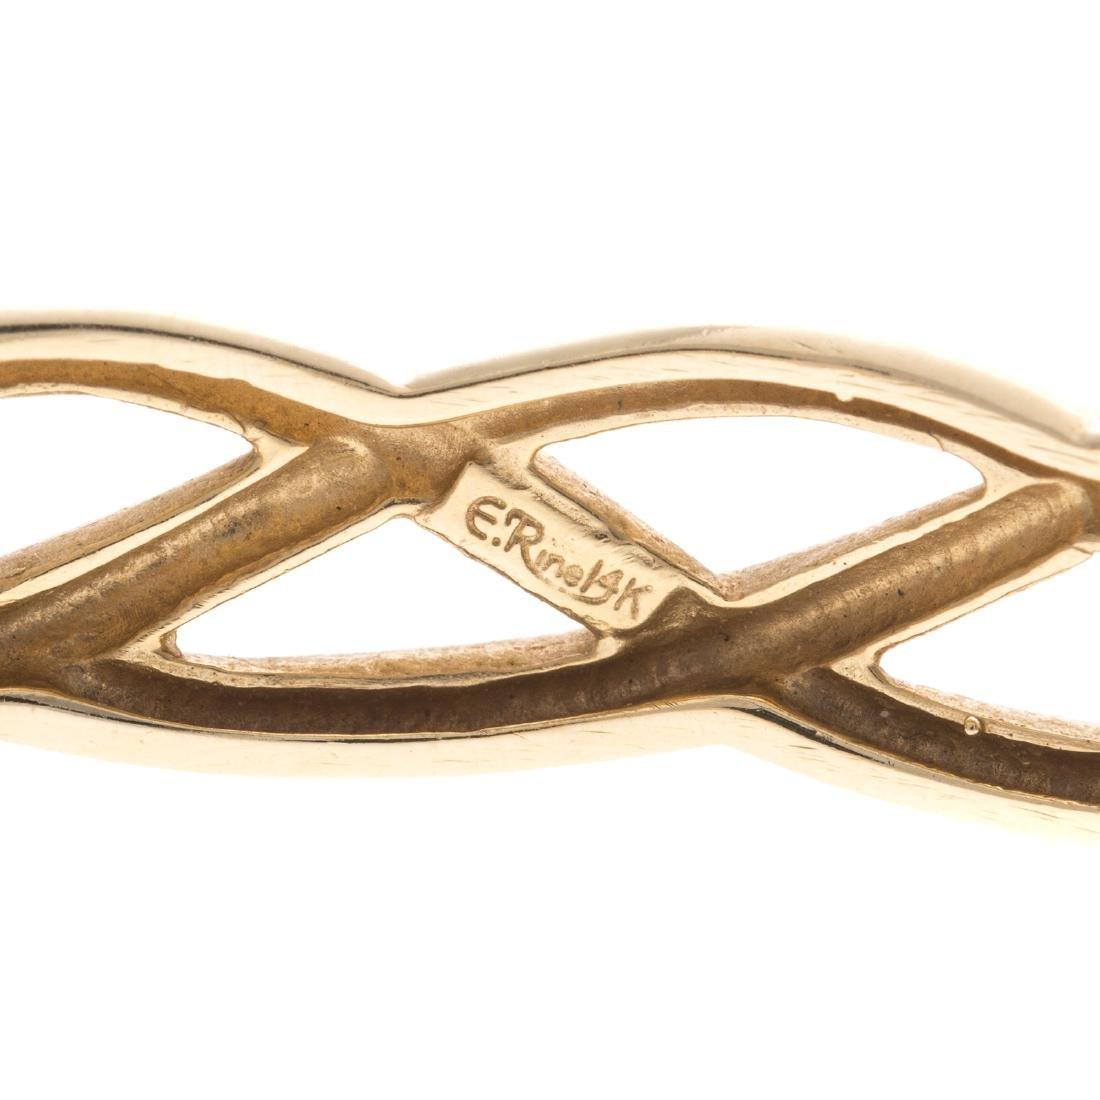 A Lady's 14K Open Weave Bangle Bracelet - 3